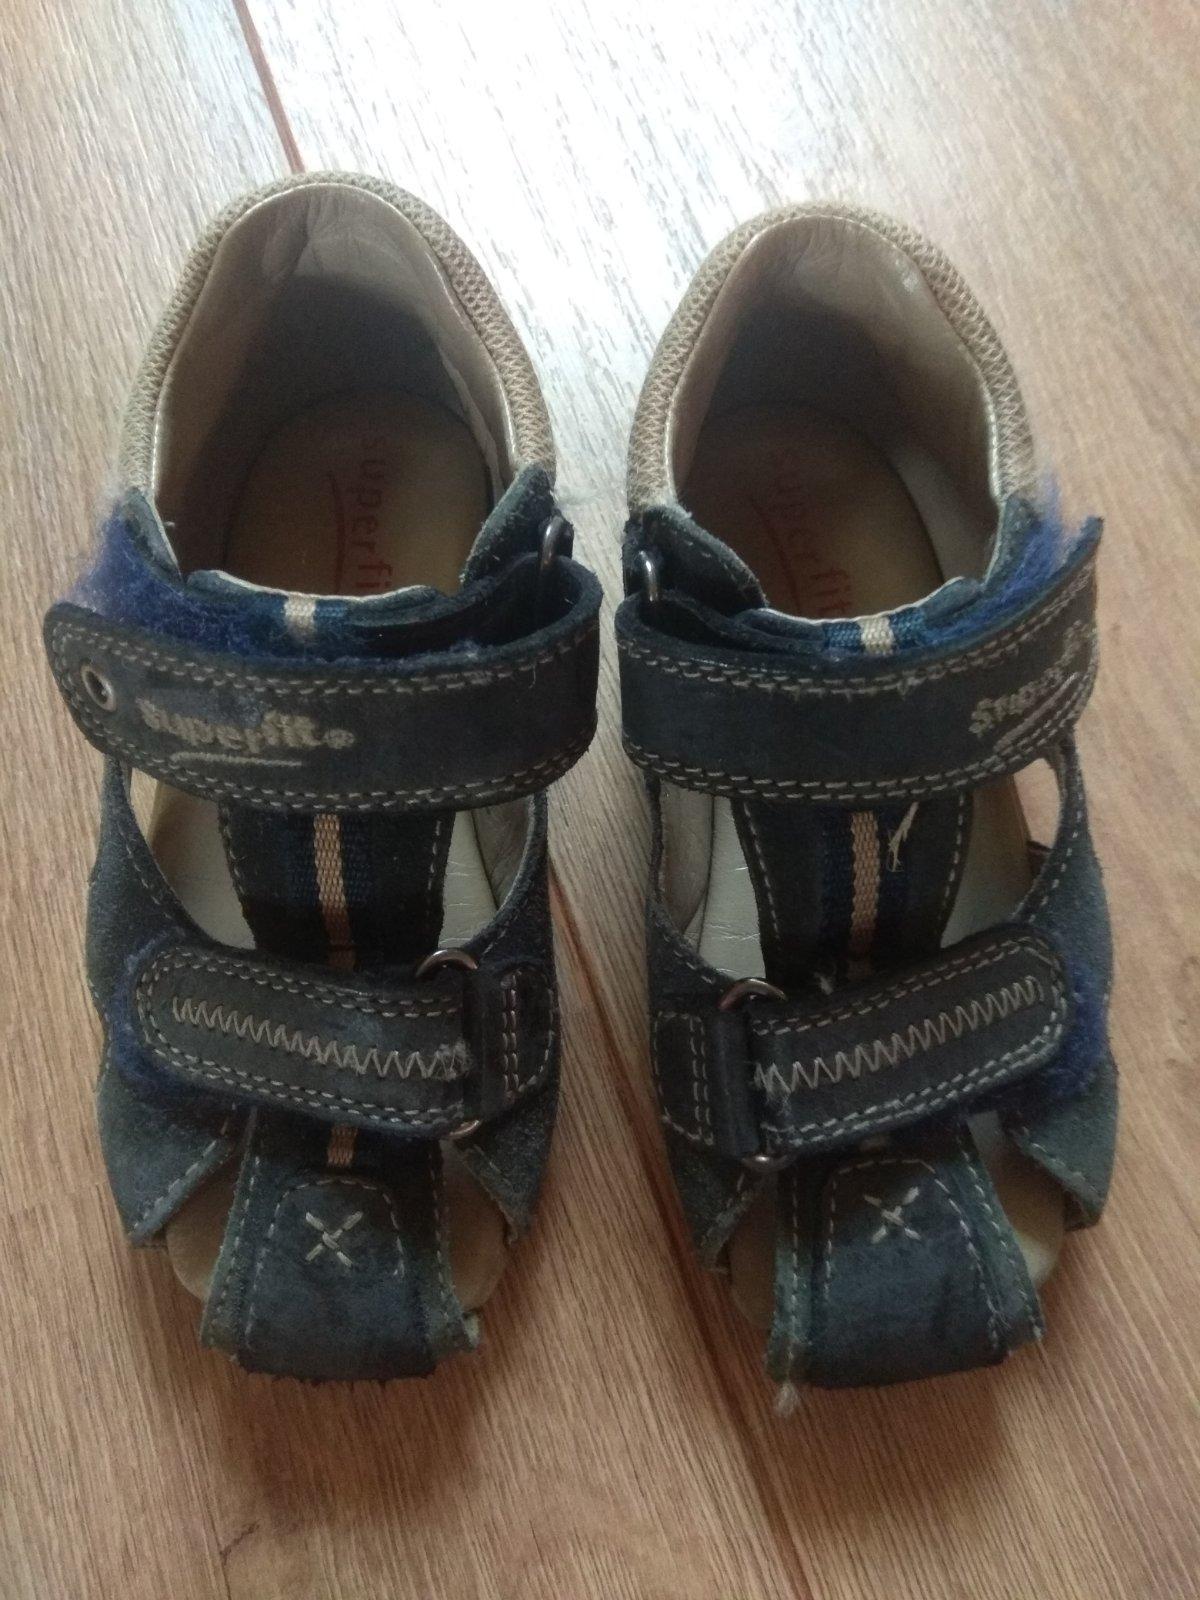 Kozene sandalky SuperFit 24 - Obrázok č. 1